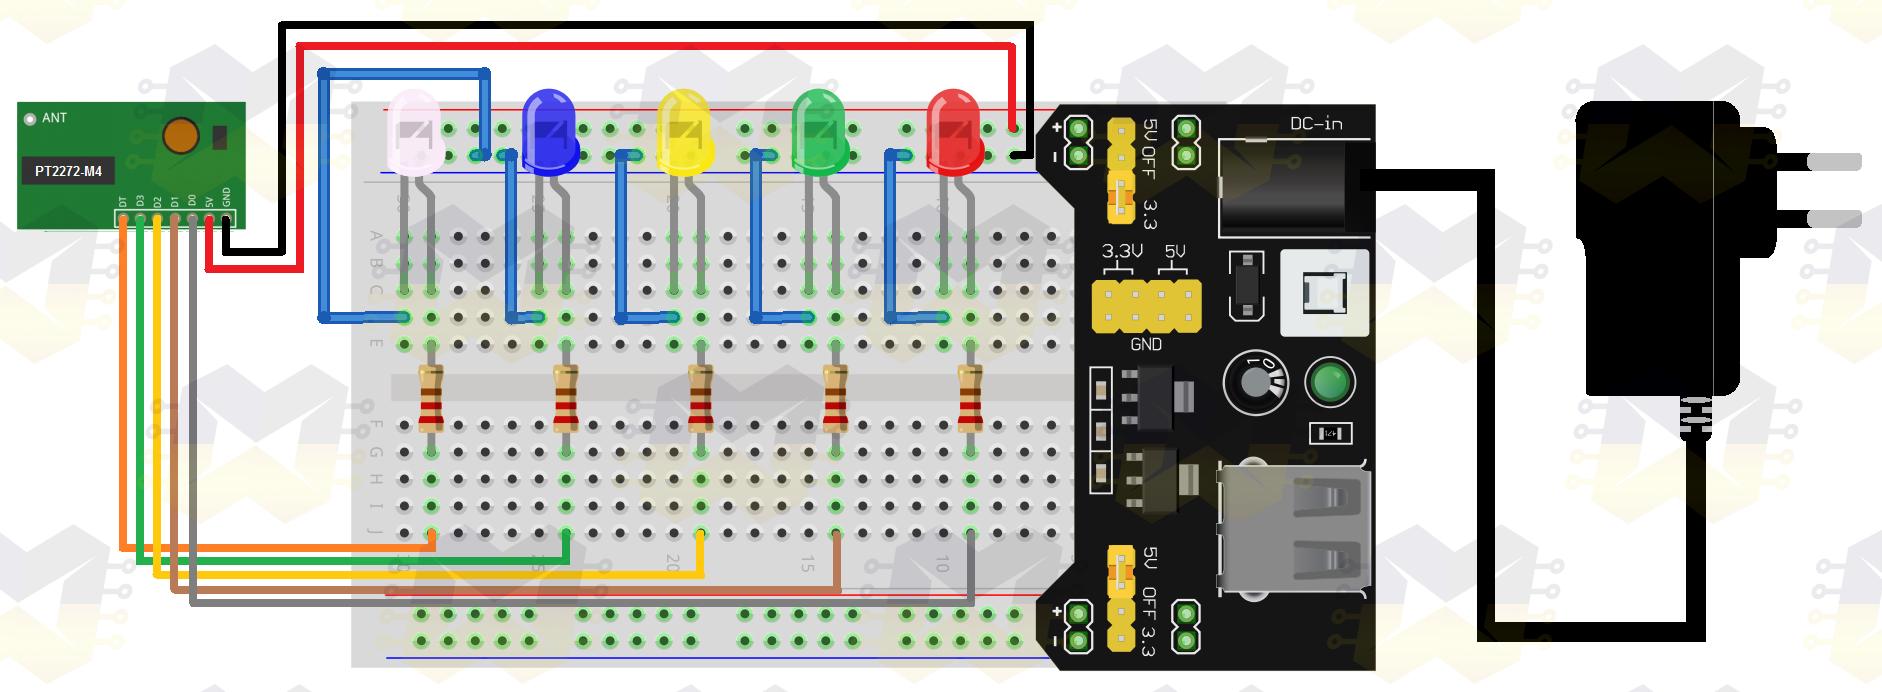 img07_utilizando_controle_remoto_rf_e_receptor_rf_433_315_mhz_arduino_pisca_piscando_led